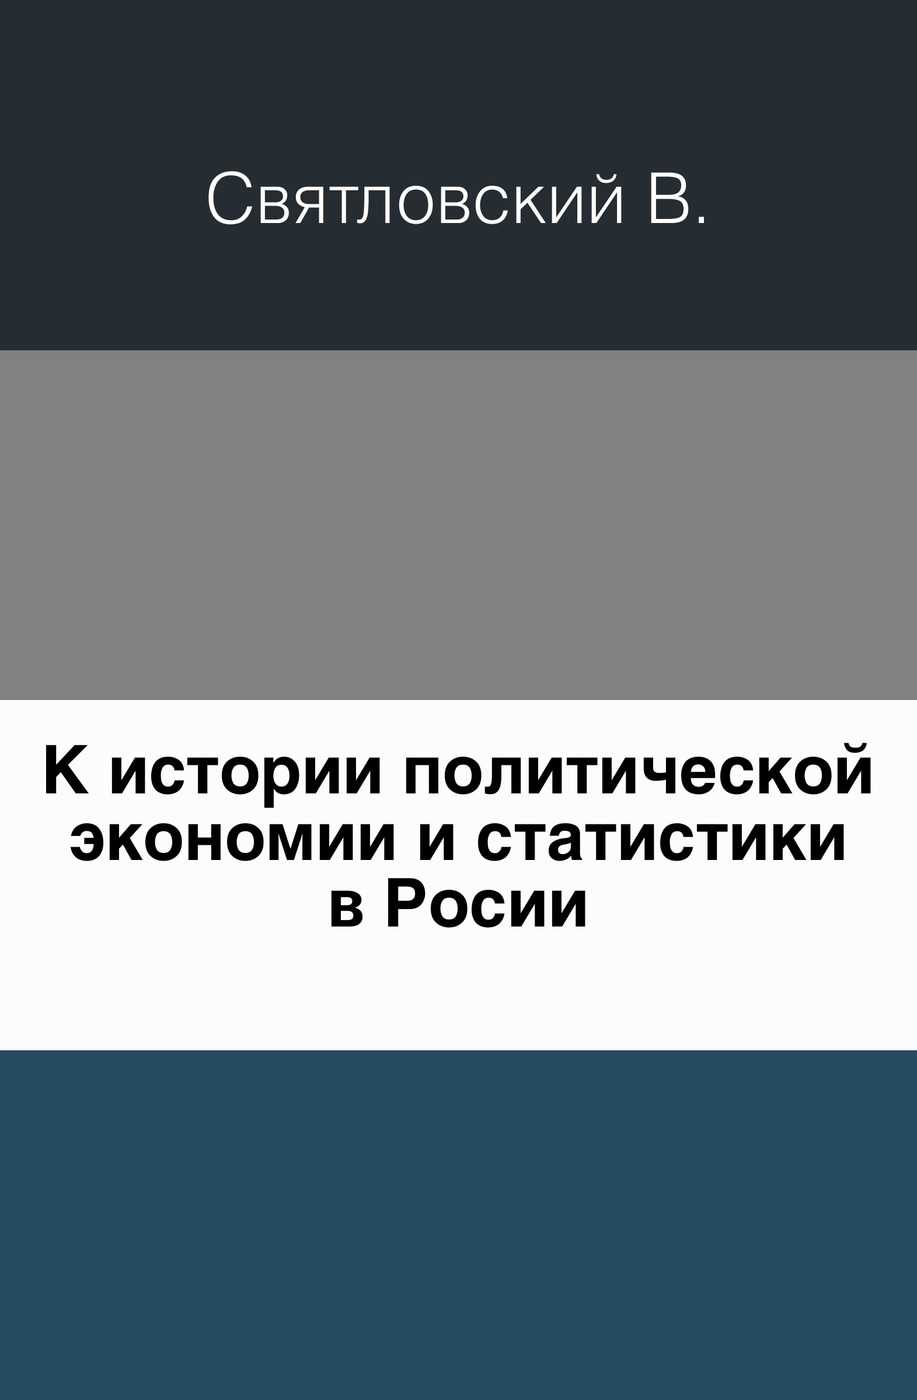 К истории политической экономии и статистики в Росии